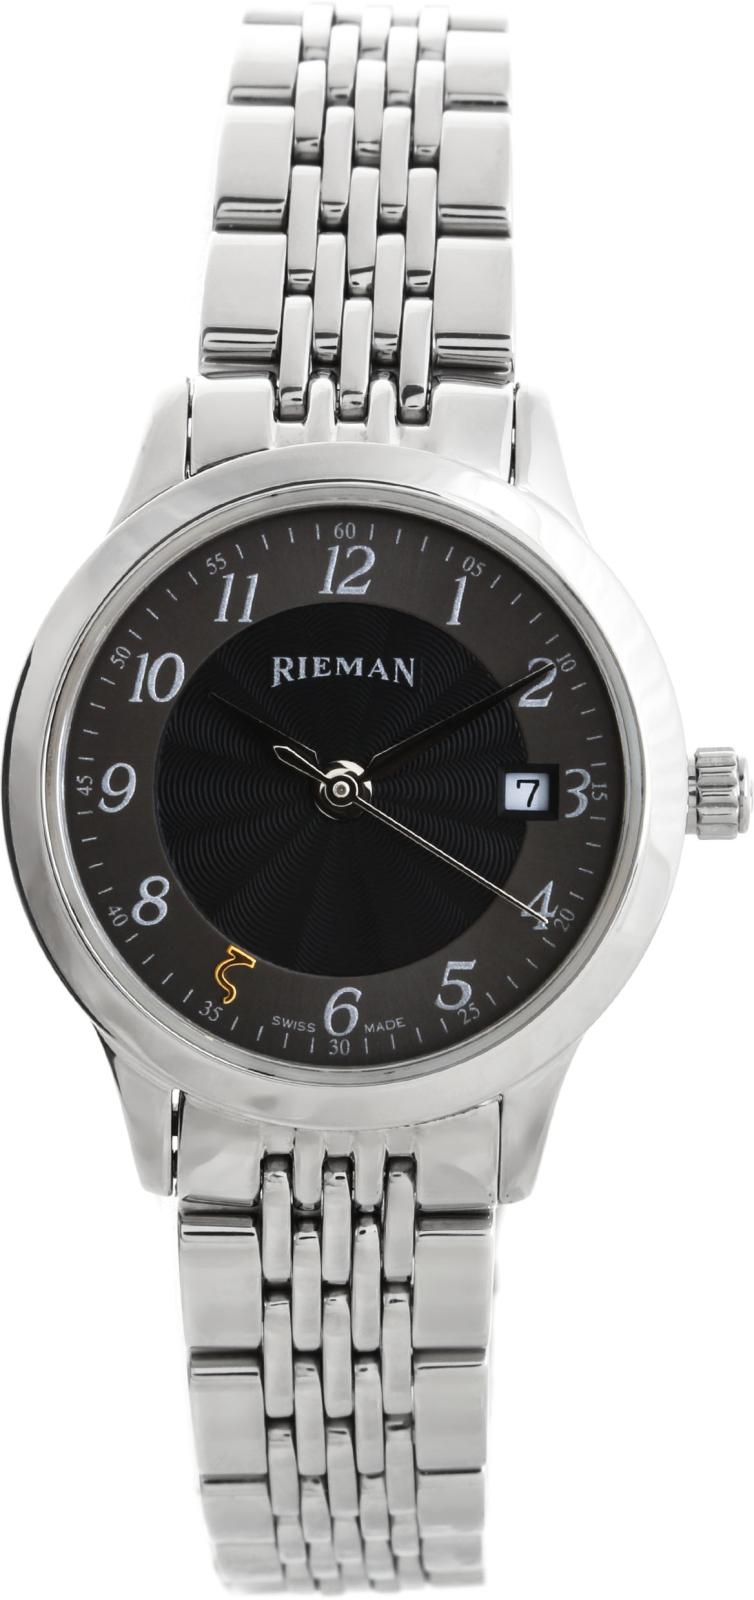 Rieman Radical R6040.132.012Наручные часы<br>Швейцарские часы Rieman Radical R6040.132.012Модель входит в коллекцию Radical. Это настоящие женские часы. Материал корпуса часов — сталь. Циферблат часов защищает сапфировое стекло. Часы этой модели обладают водозащитой 30 м. Основной цвет циферблата черный. Циферблат часов содержит часы, минуты, секунды. В этих часах используются такие усложнения как дата, . Диаметр корпуса 25мм.<br><br>Пол: Женские<br>Страна-производитель: Швейцария<br>Механизм: Кварцевый<br>Материал корпуса: Сталь<br>Материал ремня/браслета: Сталь<br>Водозащита, диапазон: 20 - 100 м<br>Стекло: Сапфировое<br>Толщина корпуса: None<br>Стиль: Классика